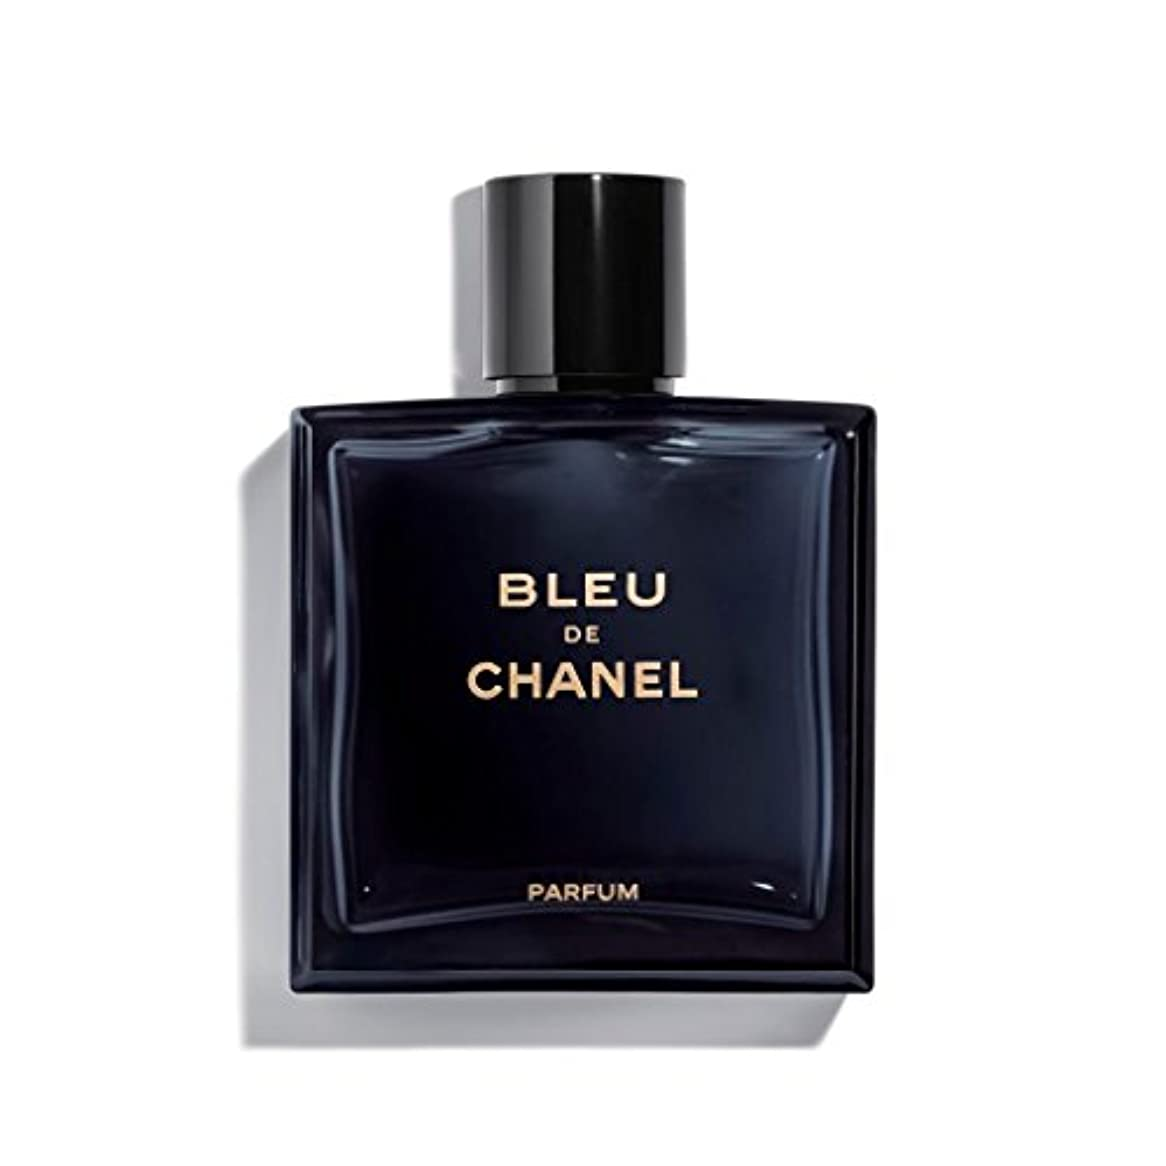 疑わしいルームむしろシャネル CHANEL ブルー ドゥ シャネル パルファム 〔Parfum〕 50ml Pfm SP fs